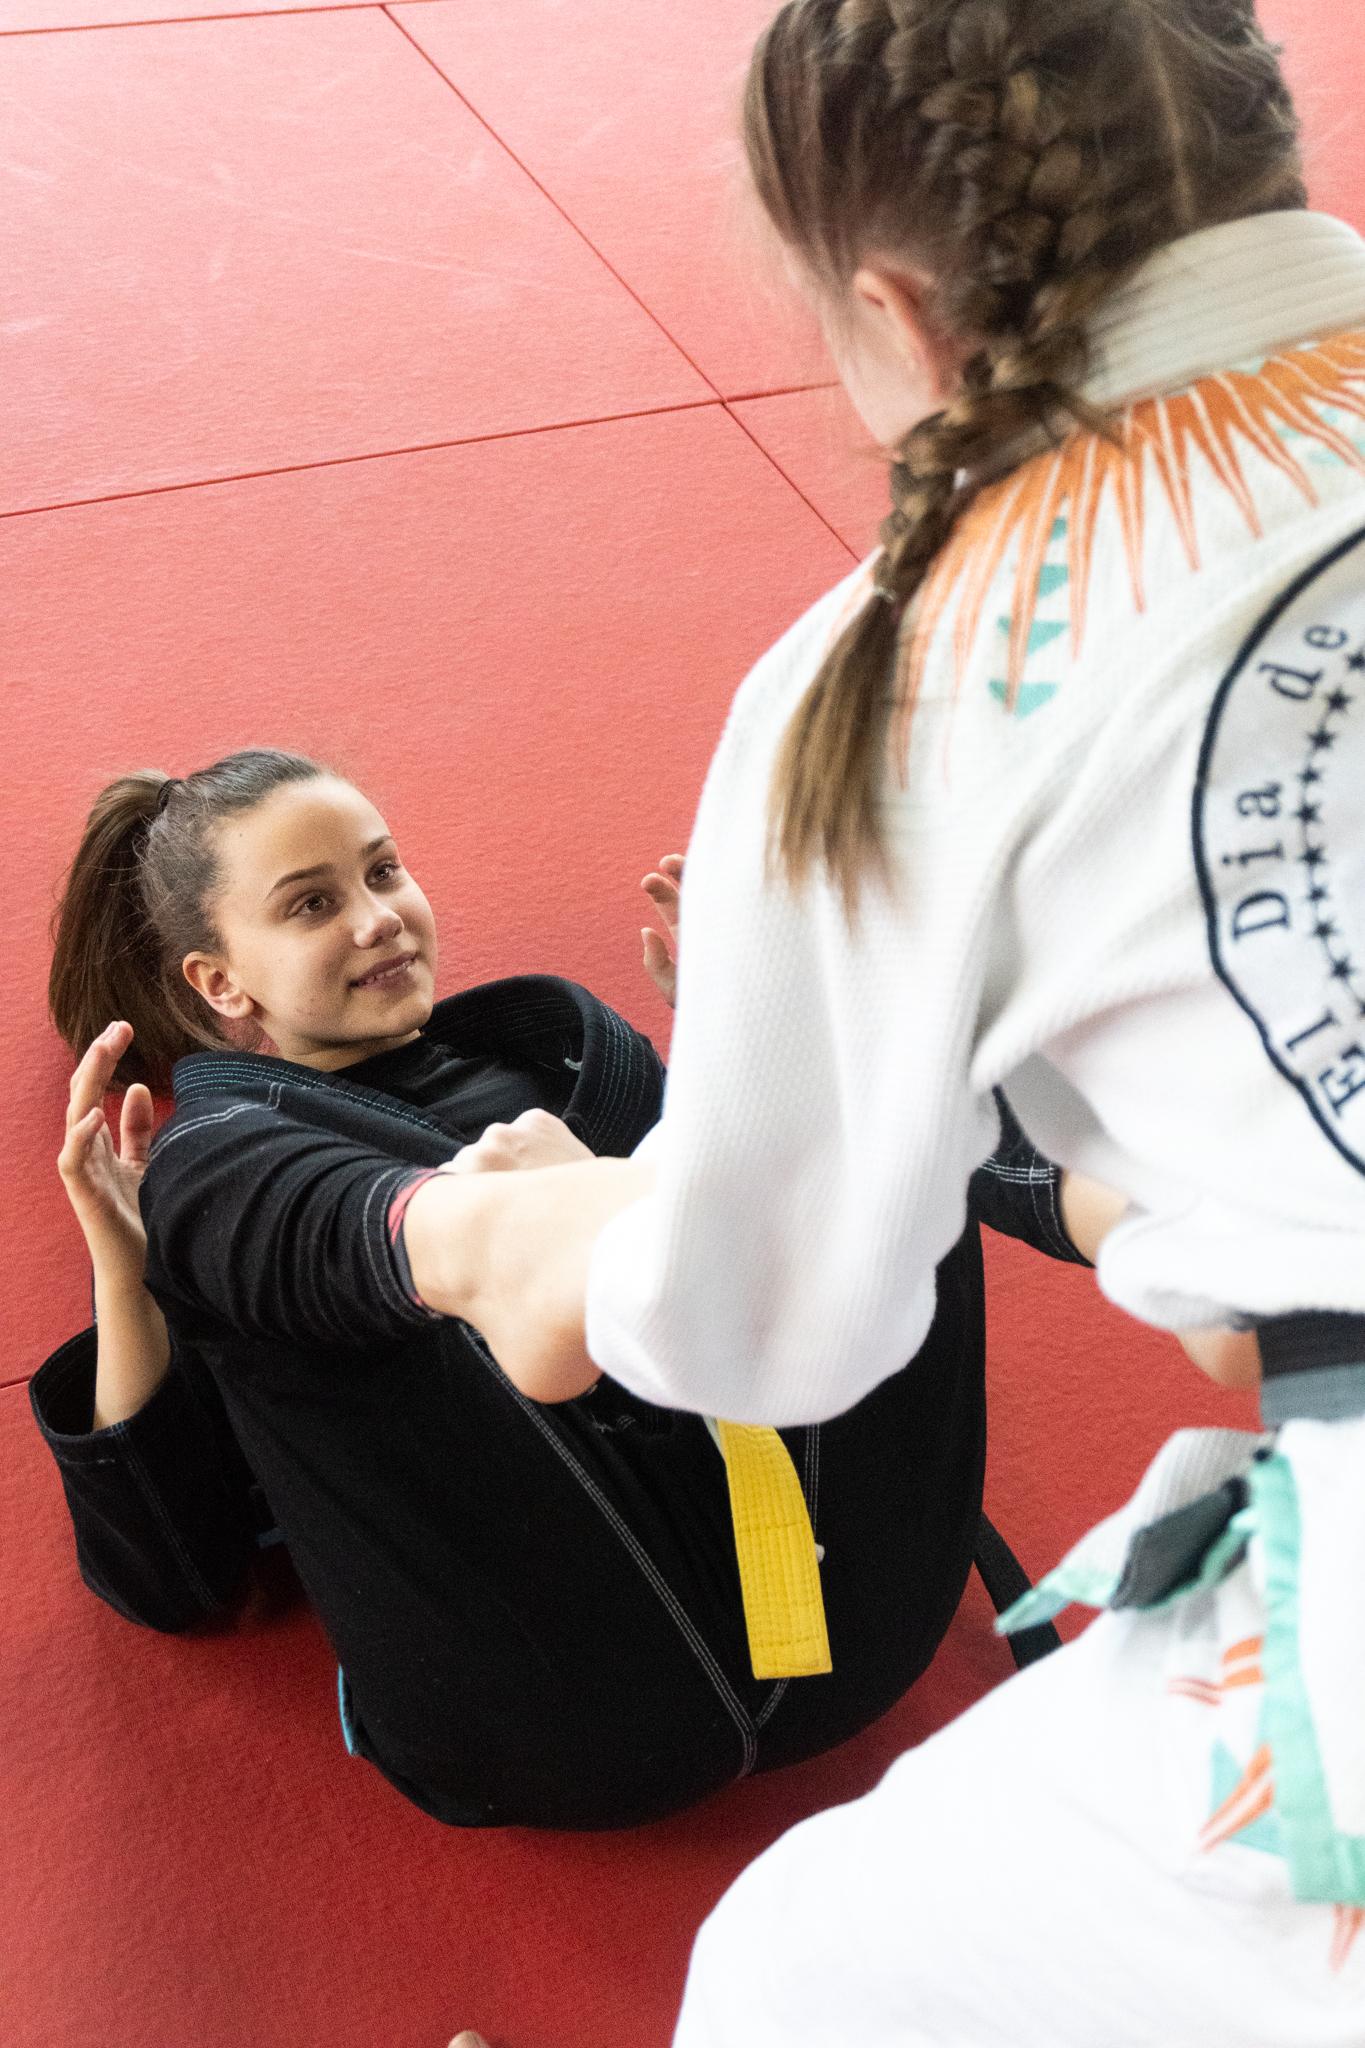 A teenage girl having fun training Brazilian jiu-jitsu